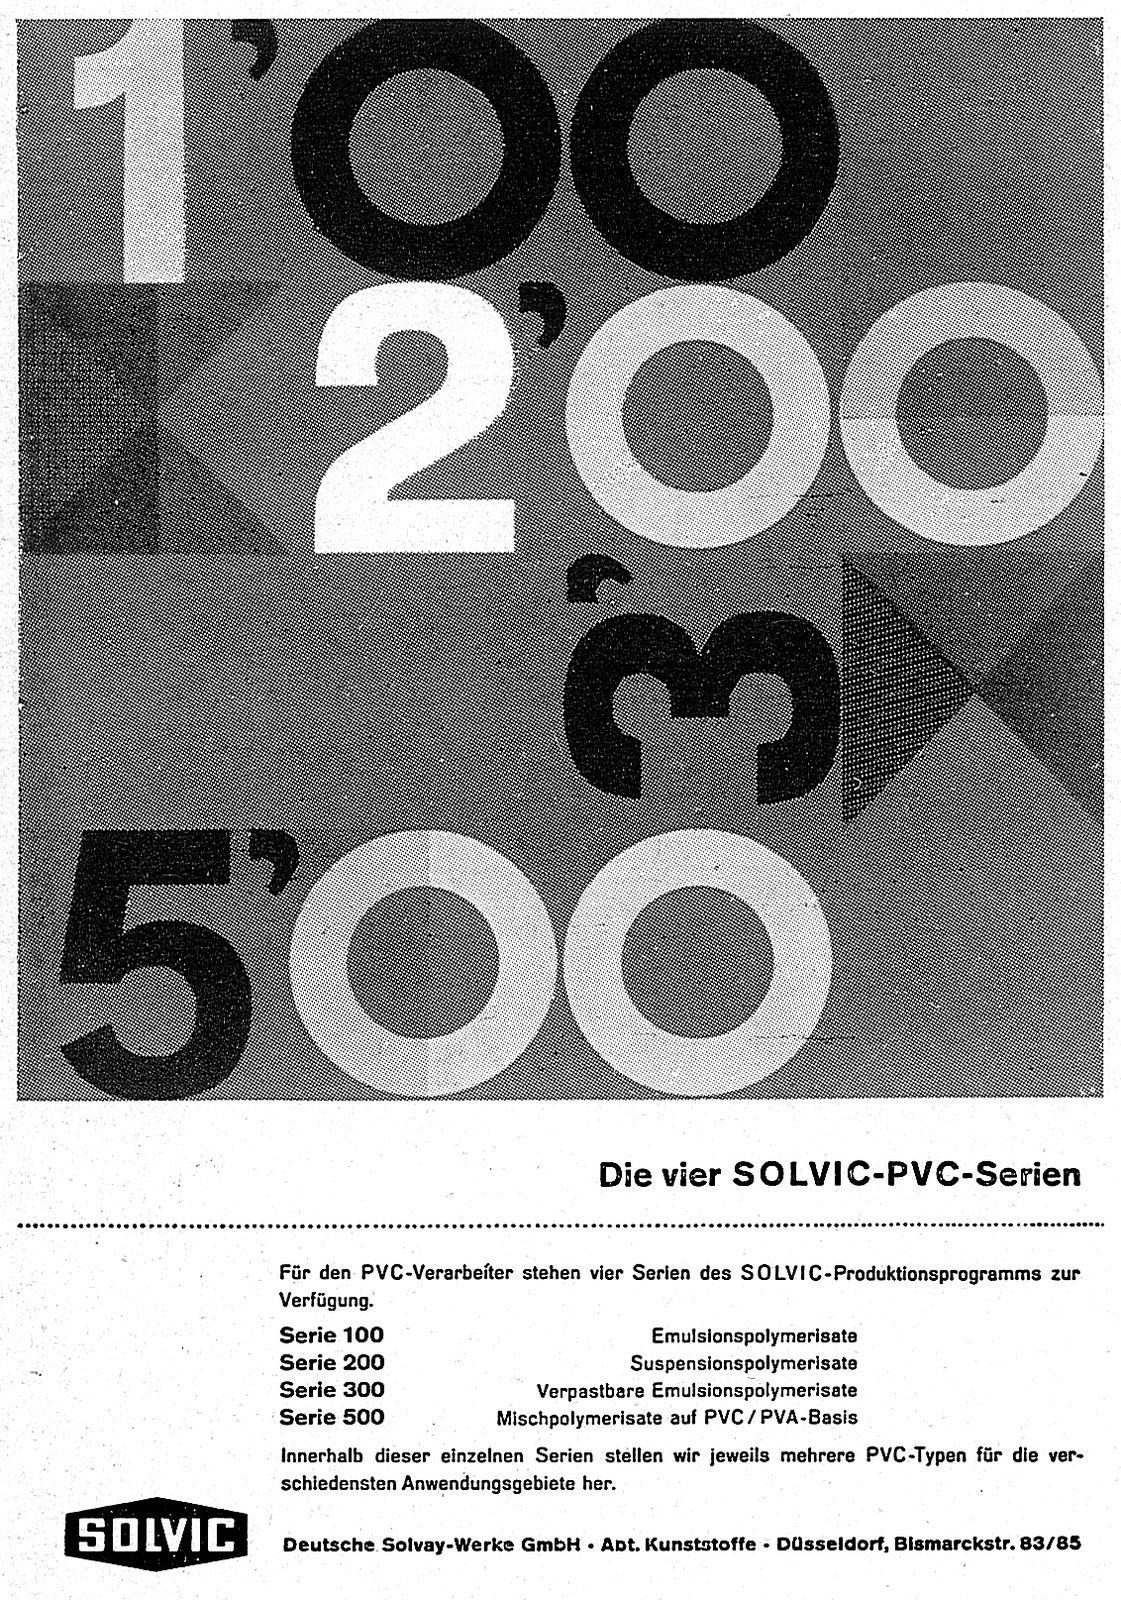 Boes (F.G., DE) um 1959 Die vier Solvic-PVC-Serien (Deutsche Solvay-Werke GmbH Düsseldorf) Anzeige | by ideenstadt